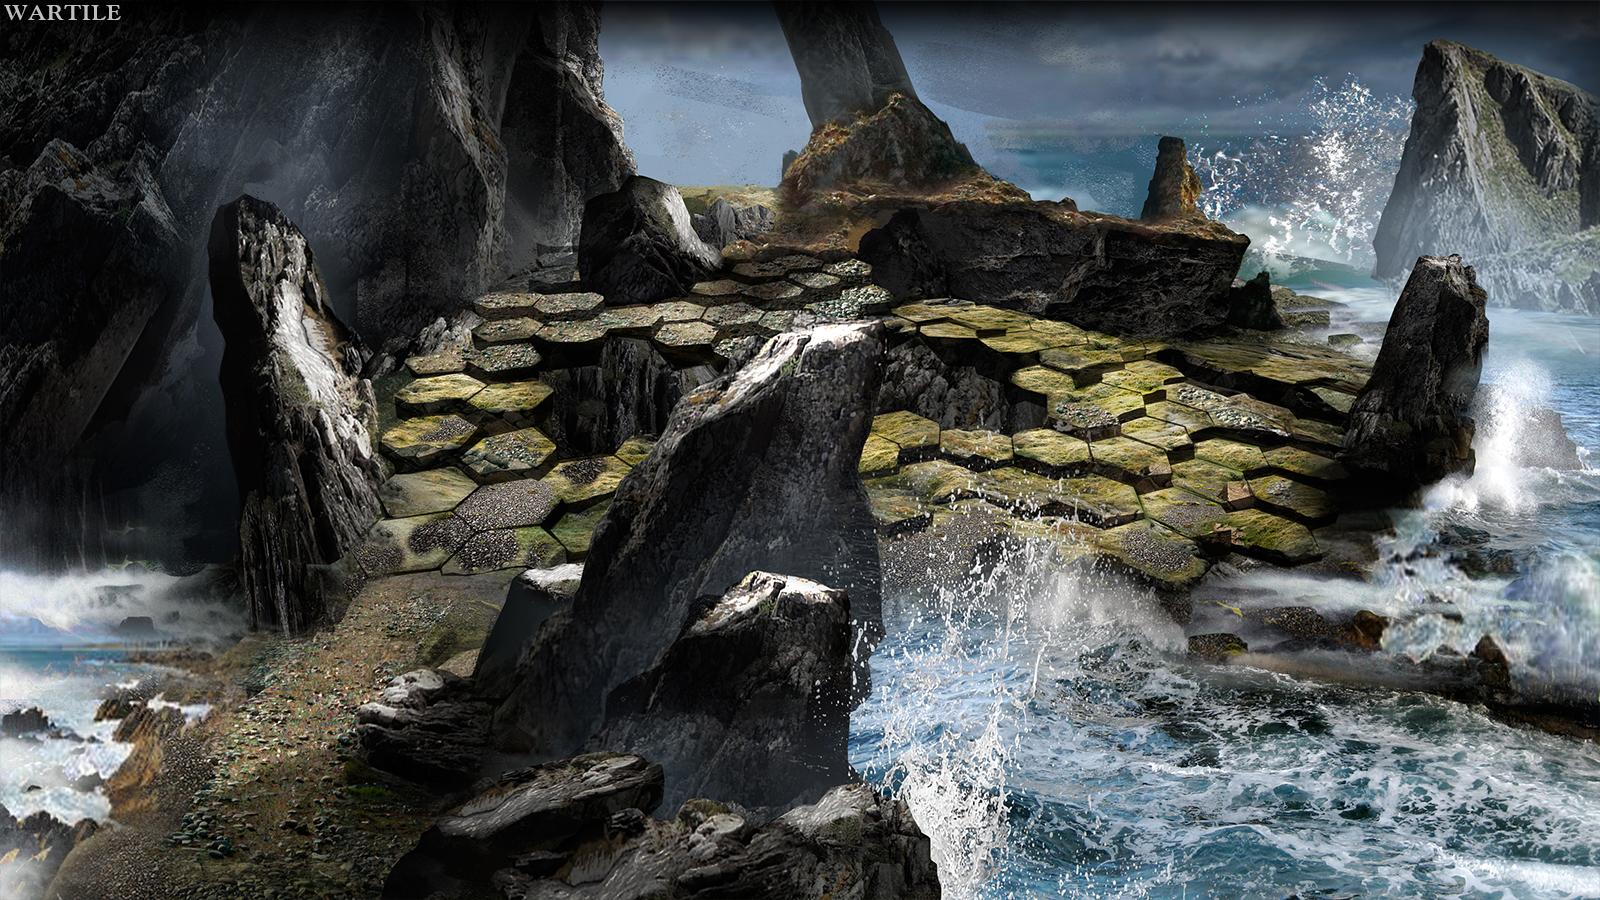 Wartile Concept Coastline